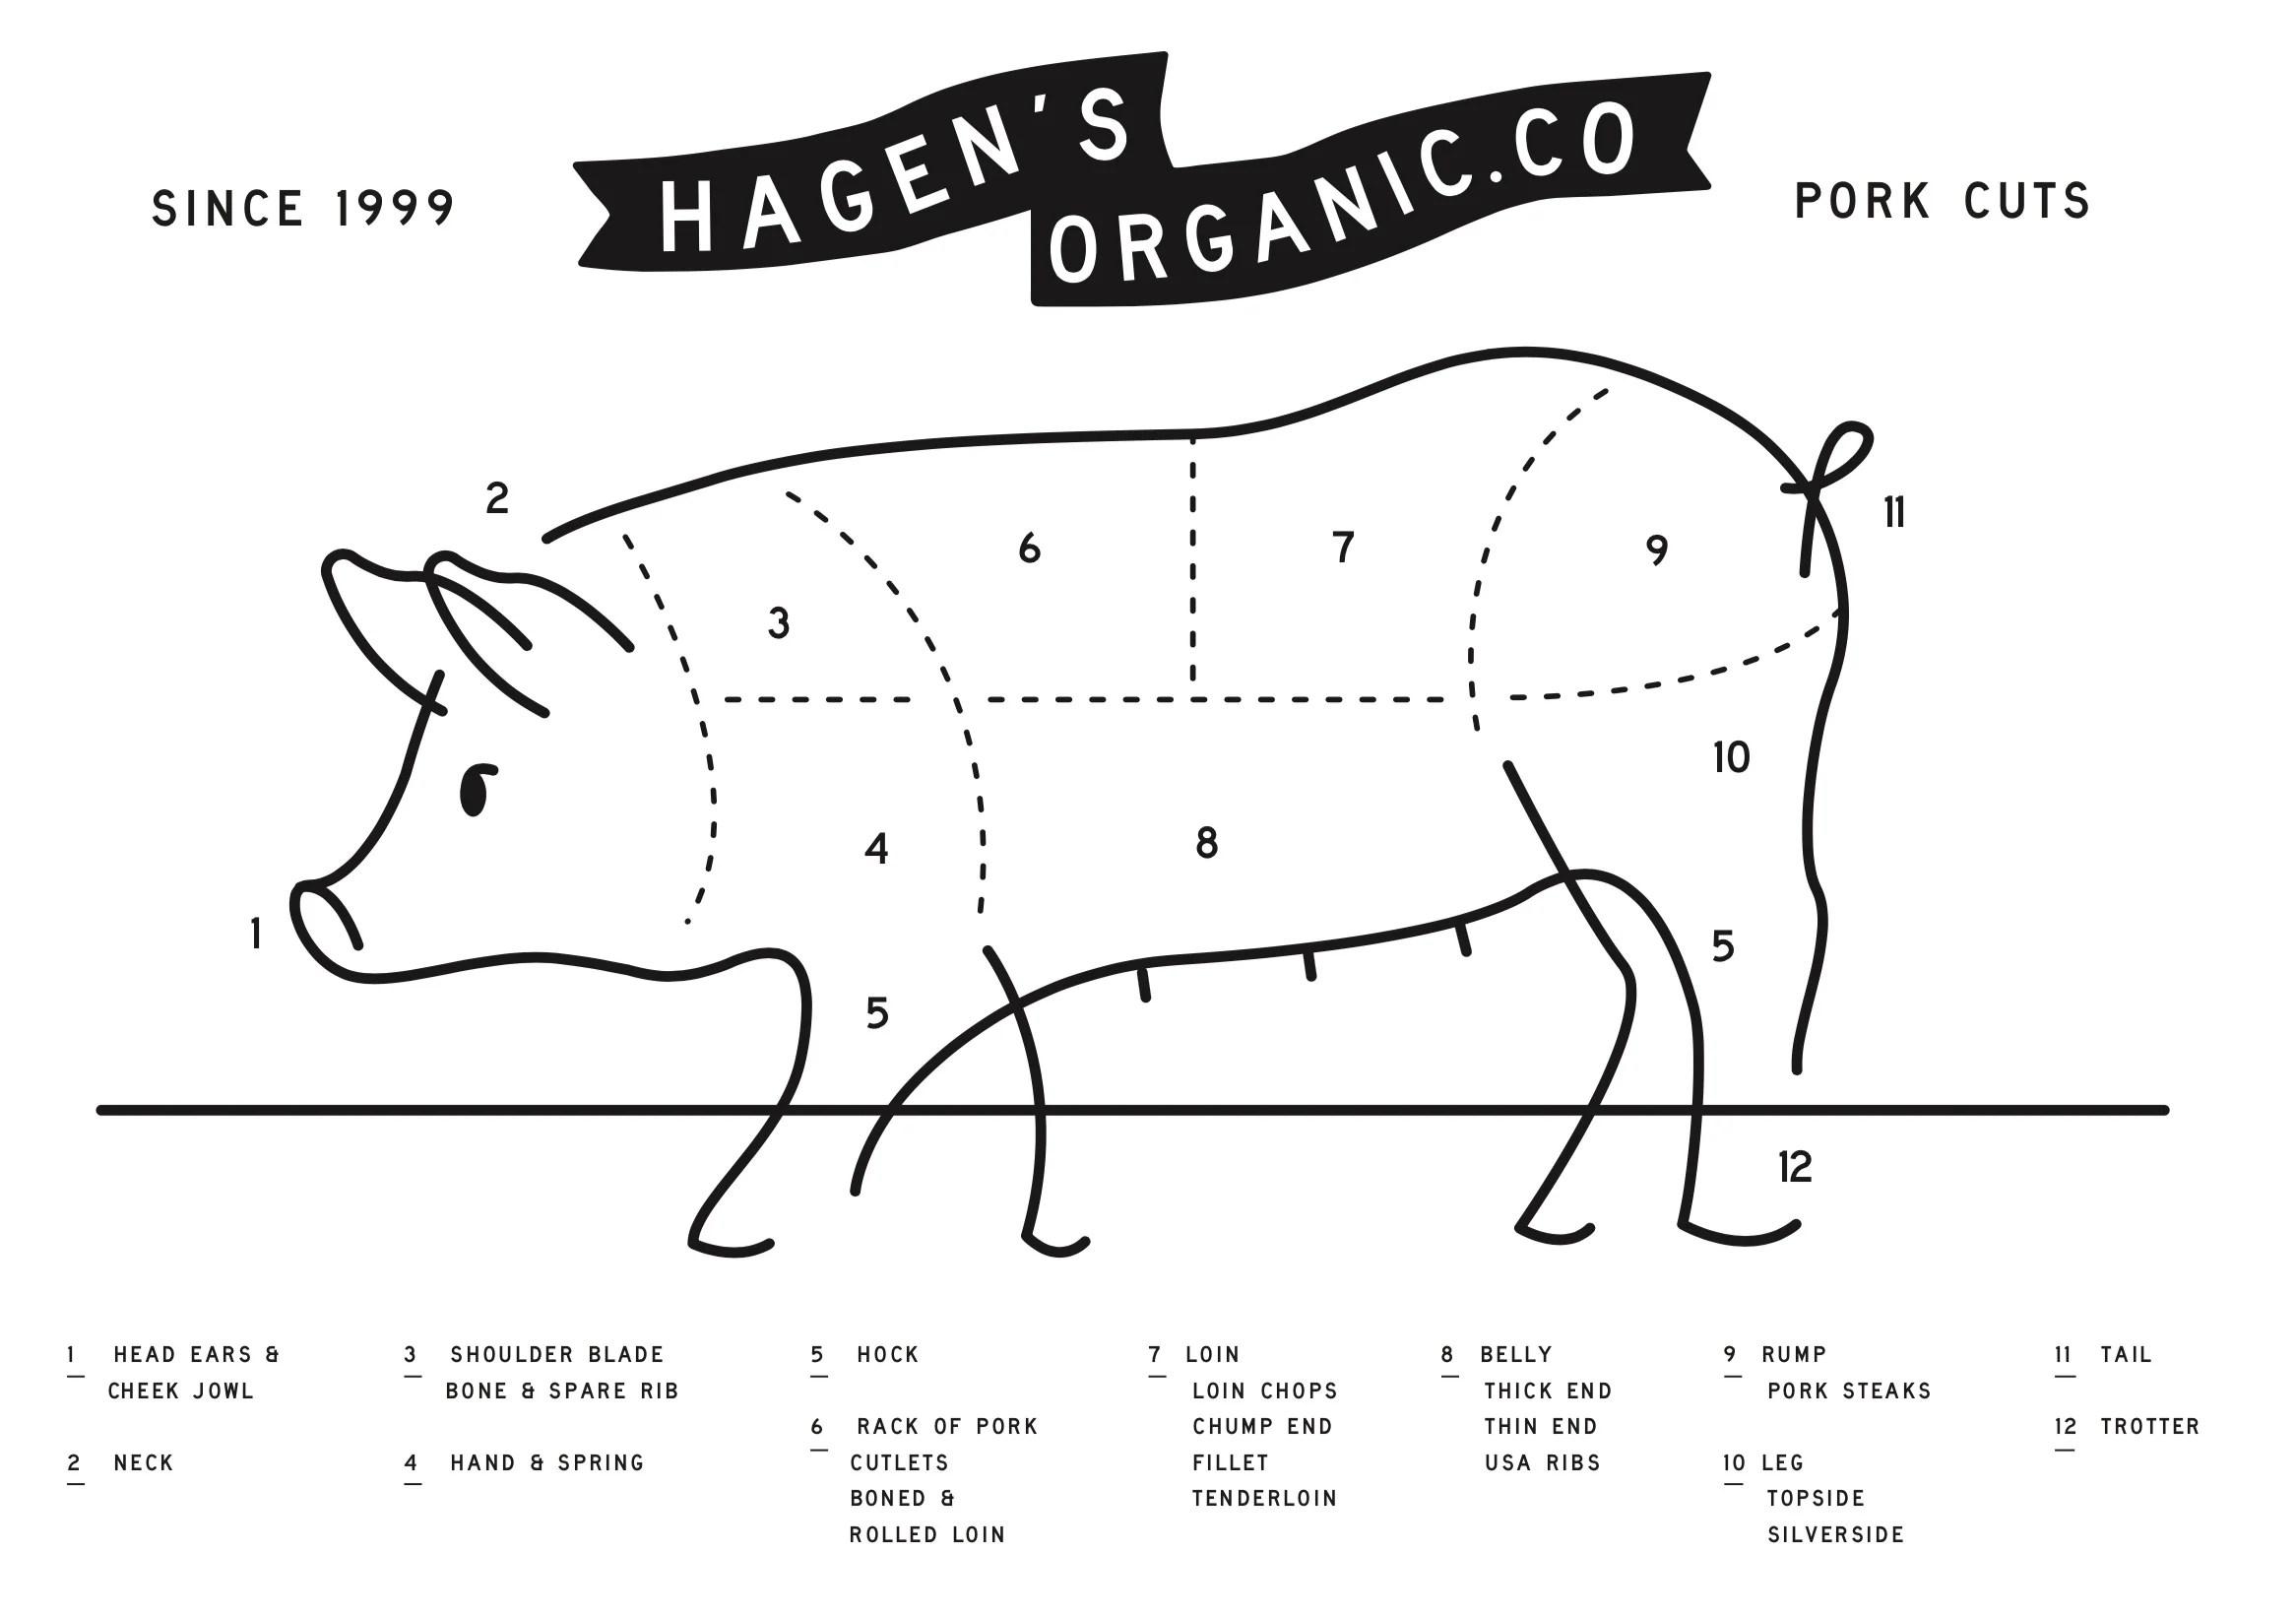 medium resolution of hagens organics pork cuts diagram jpg v 1552540843